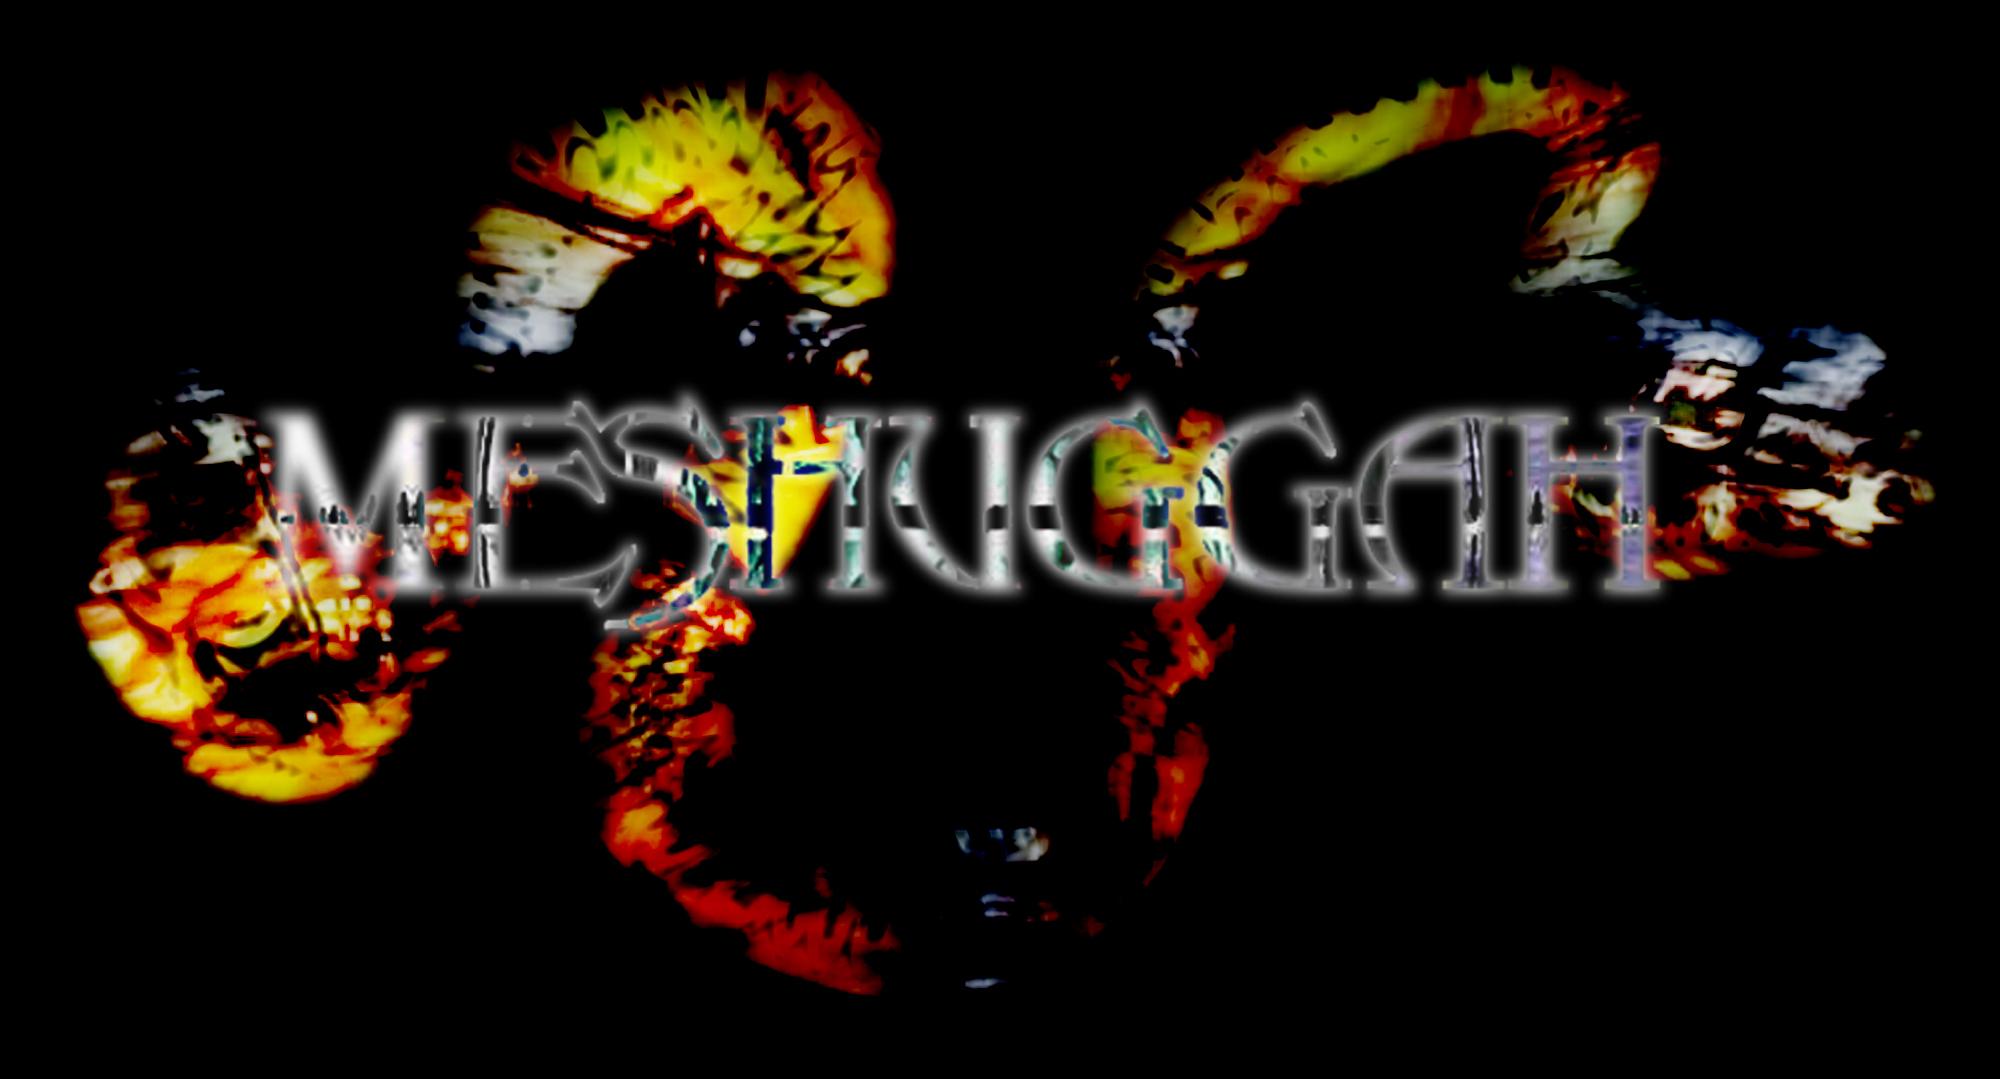 Meshuggah Wallpaper by abhadreshwara 2000x1079